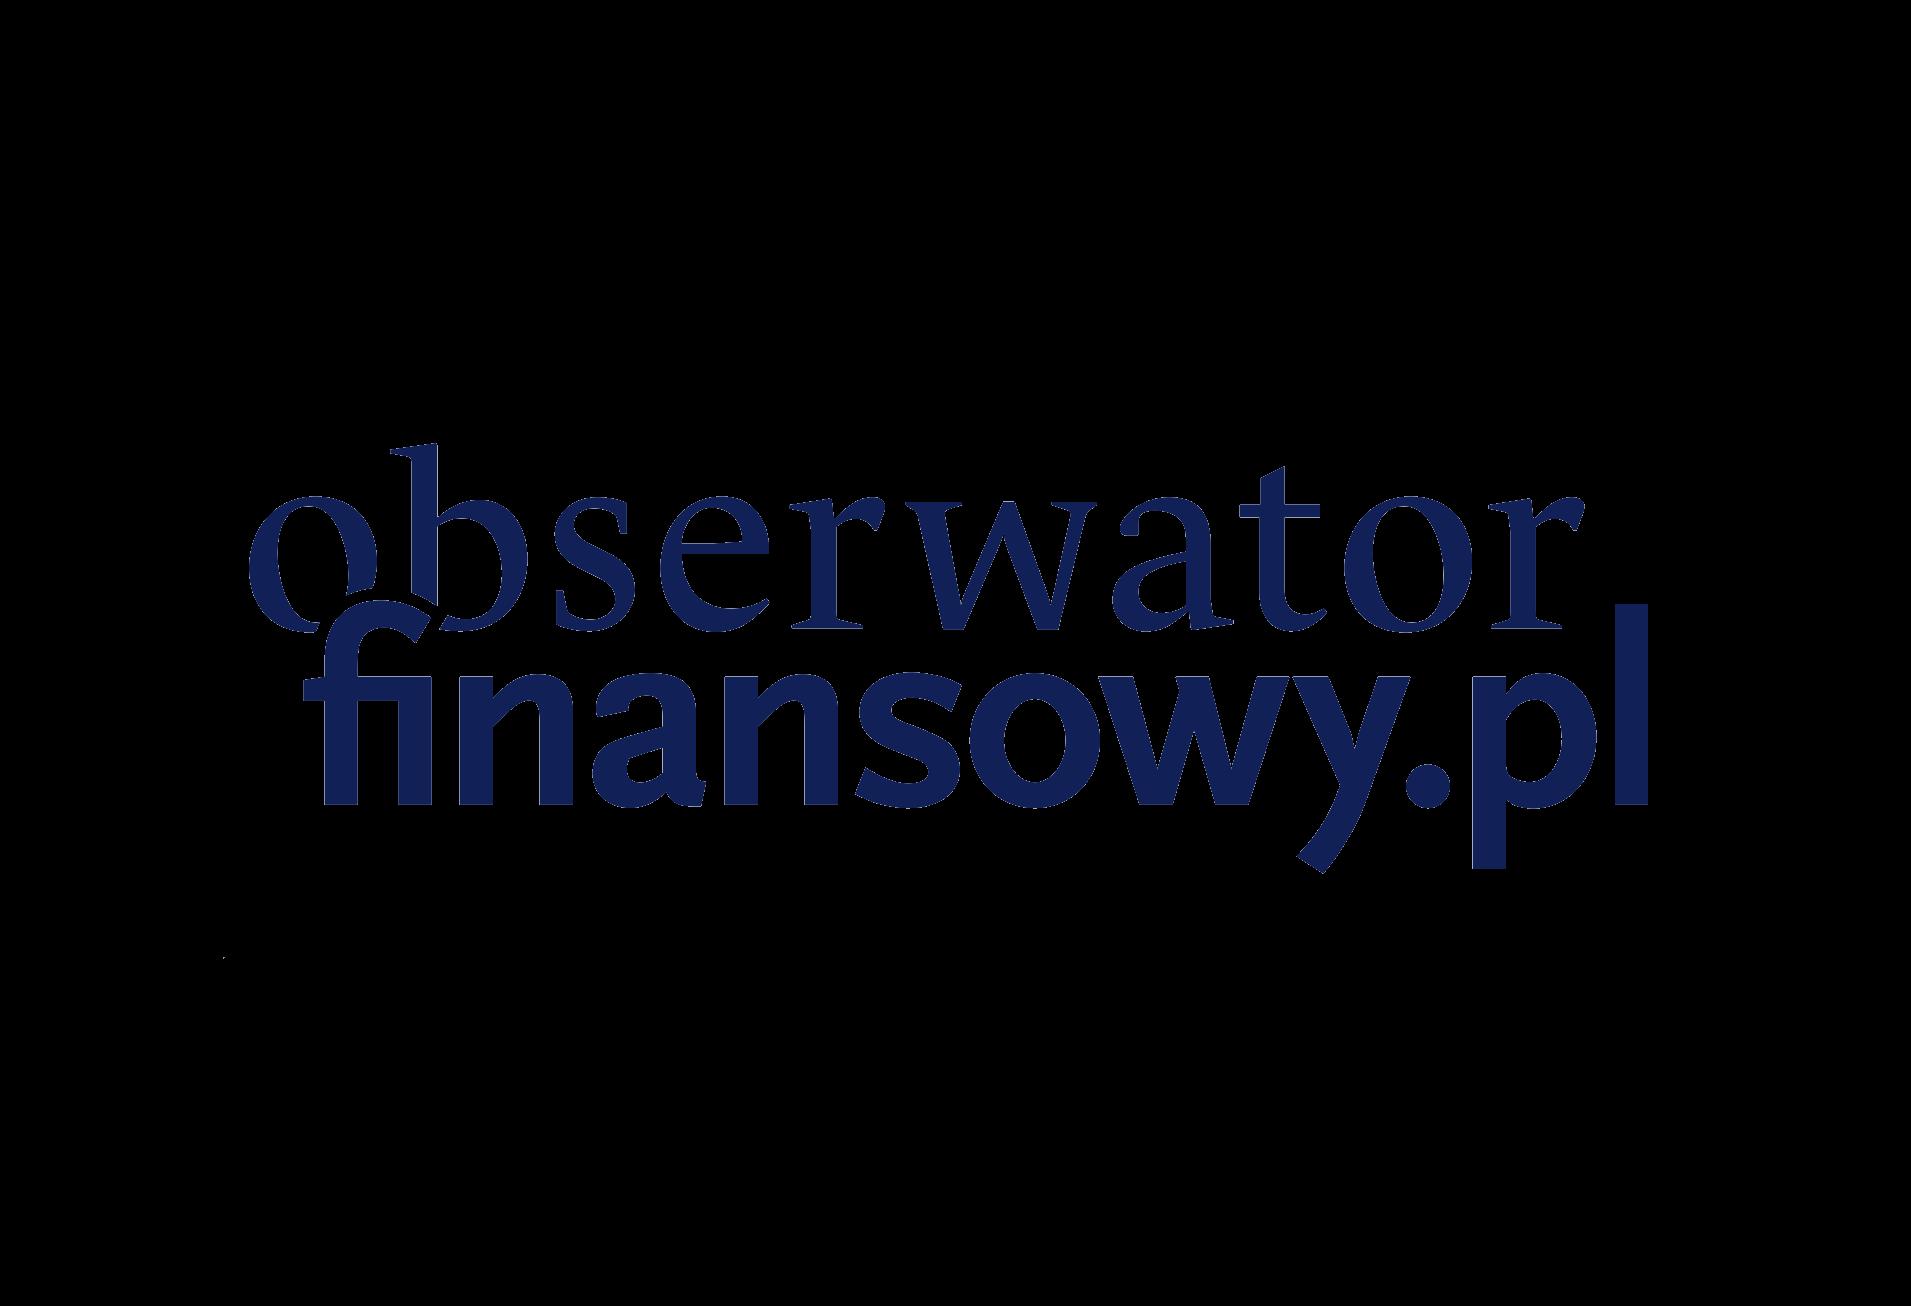 Elektronika ma najwyższy wzrost  (c) PAP/Grzegorz Hawałej/